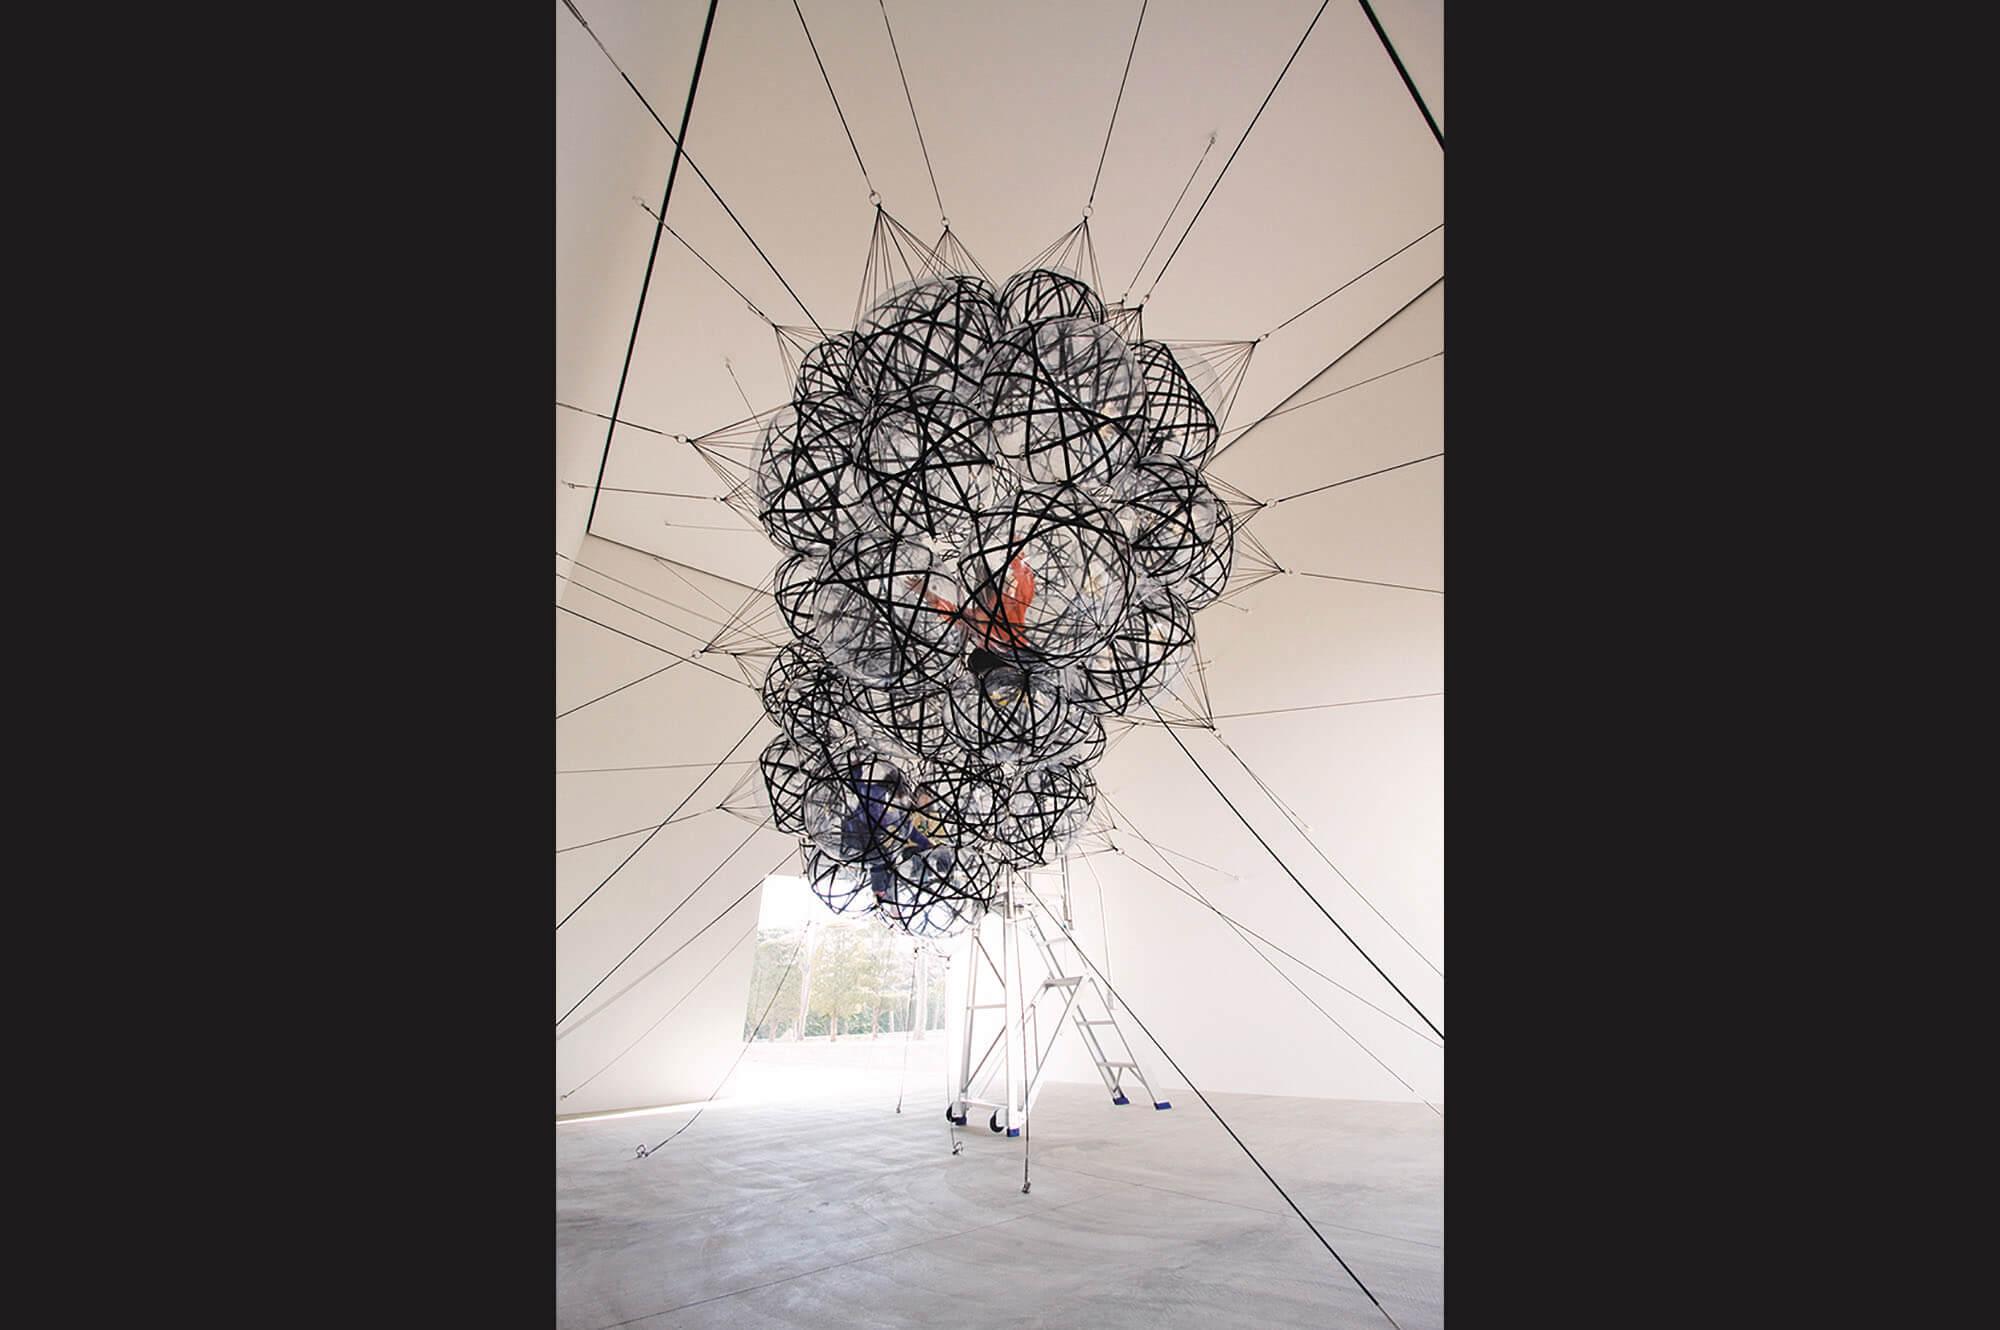 トマス・サラセーノ On Clouds (Air-Port-City)  現代美術 Contemporary Art